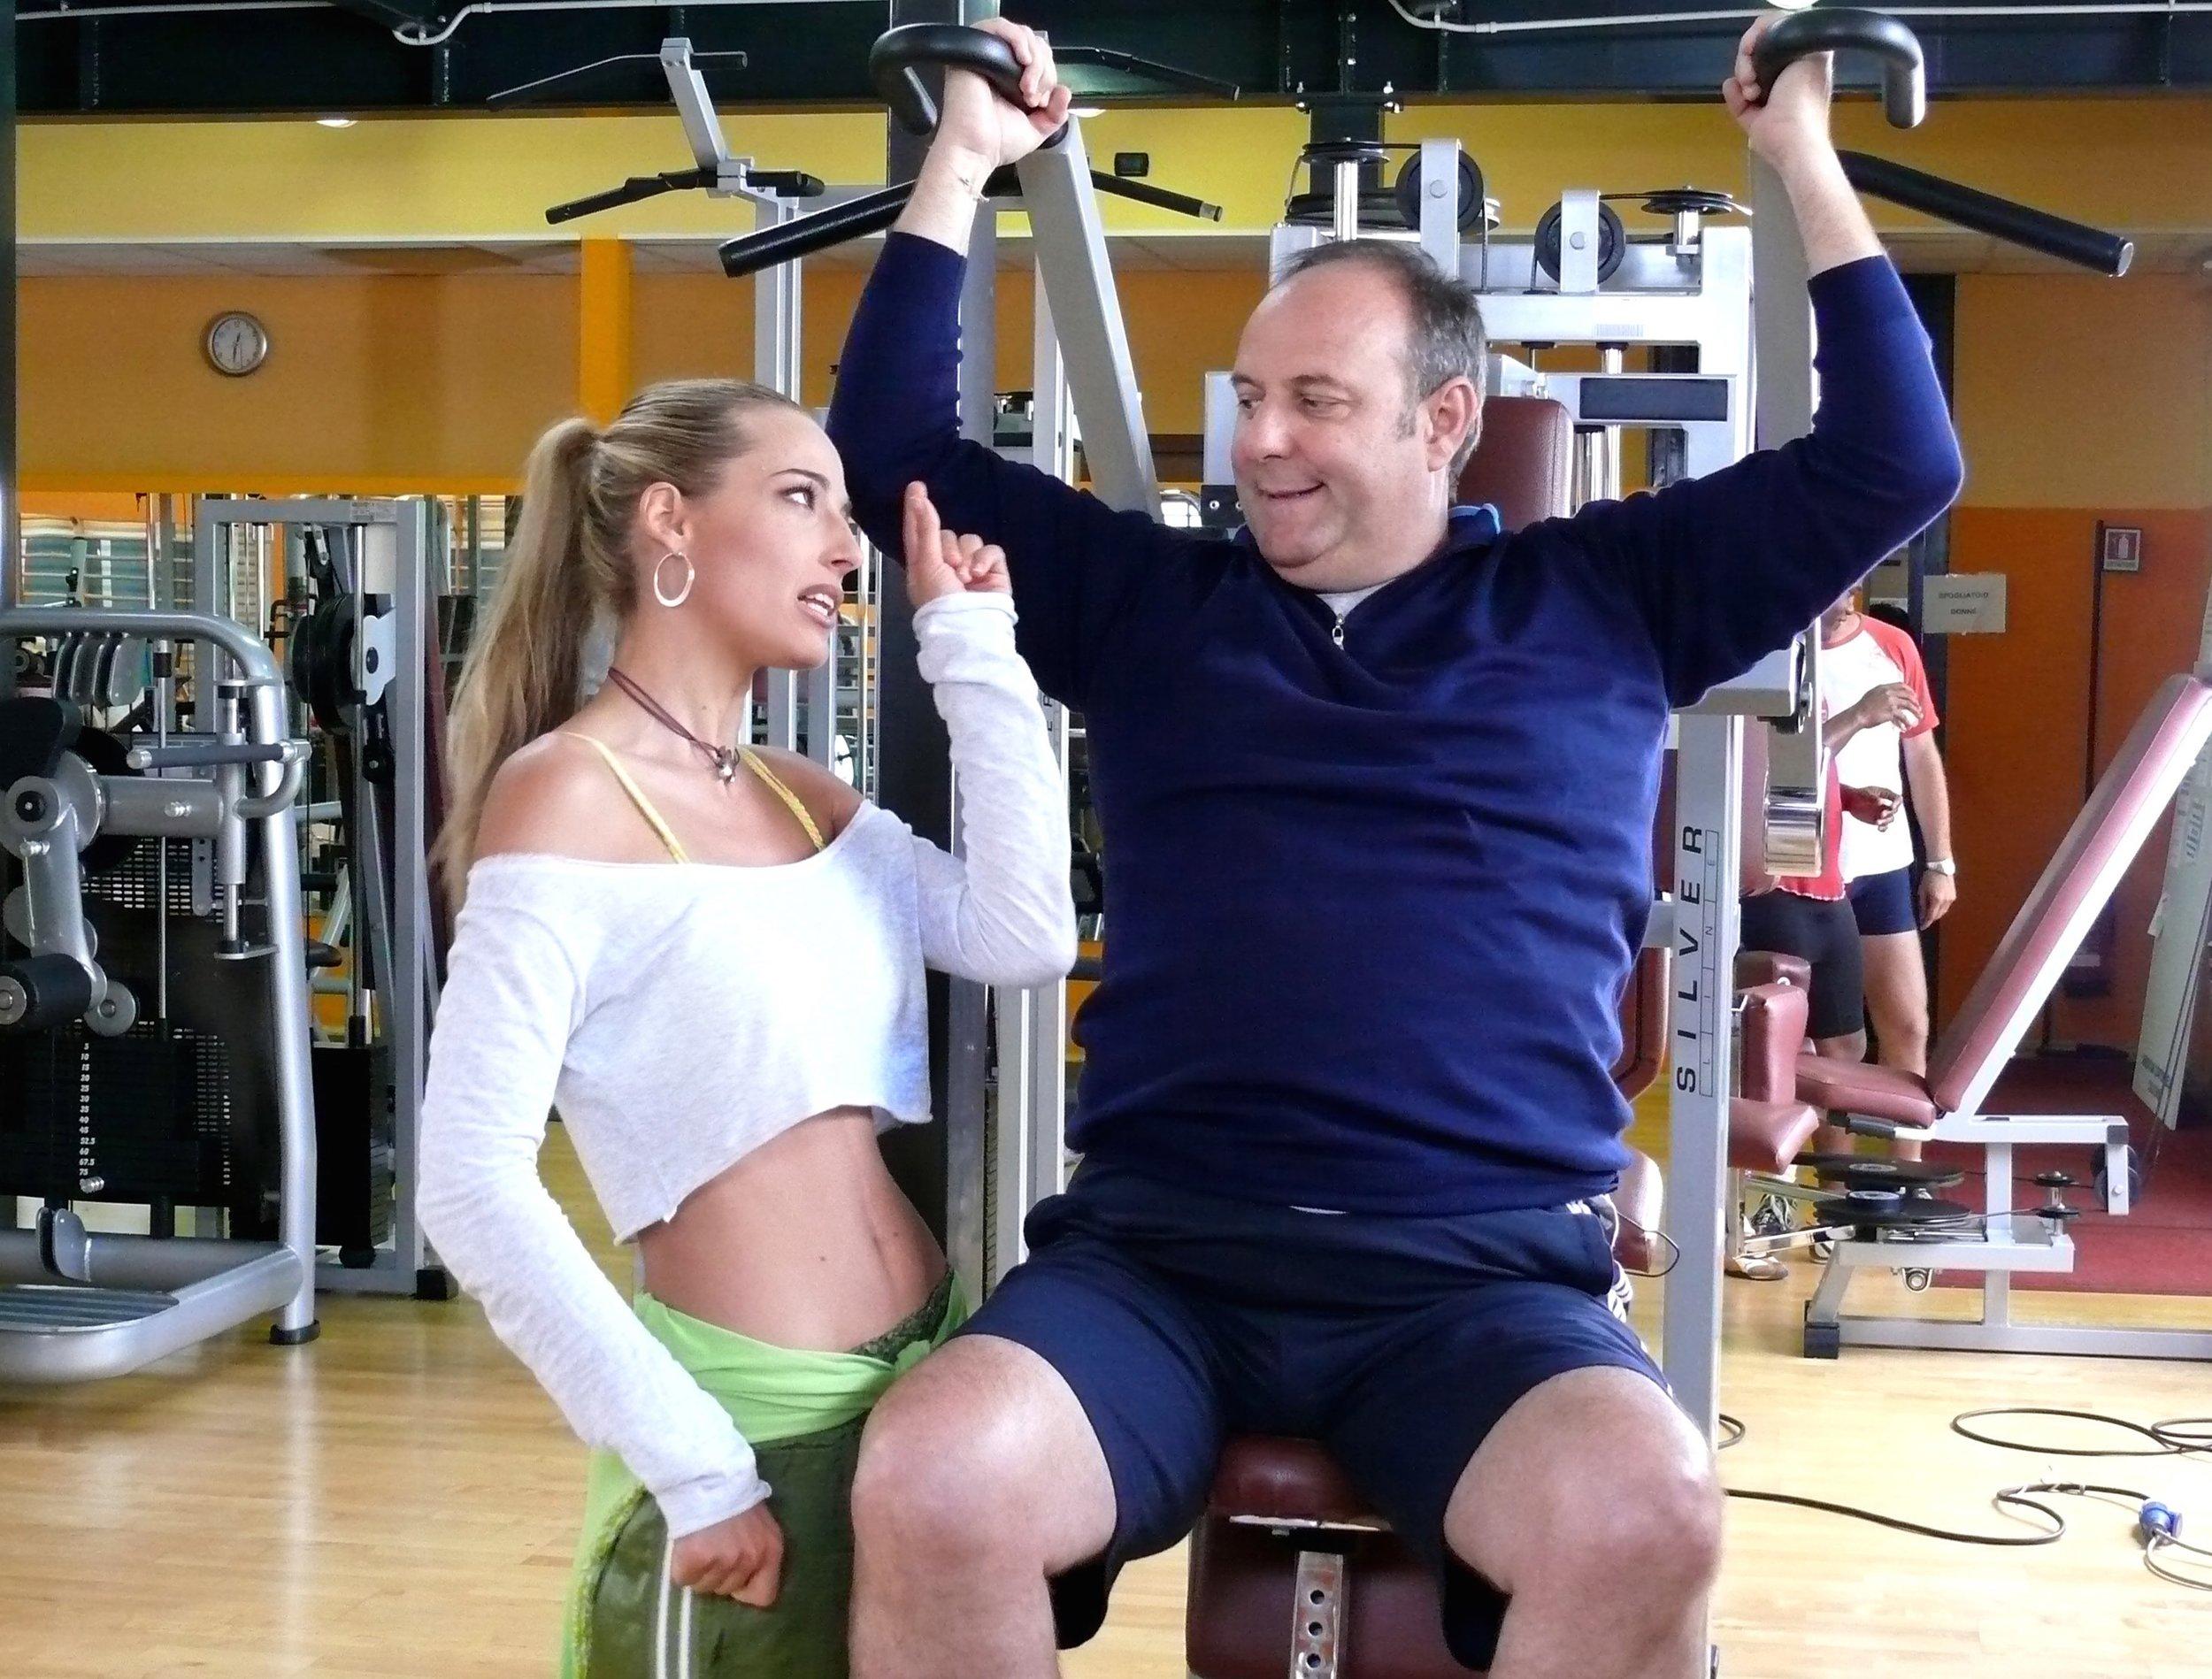 """Jessica in scena con Gerry Scotti per la fiction di Mediaset """"Finalmente a casa"""""""